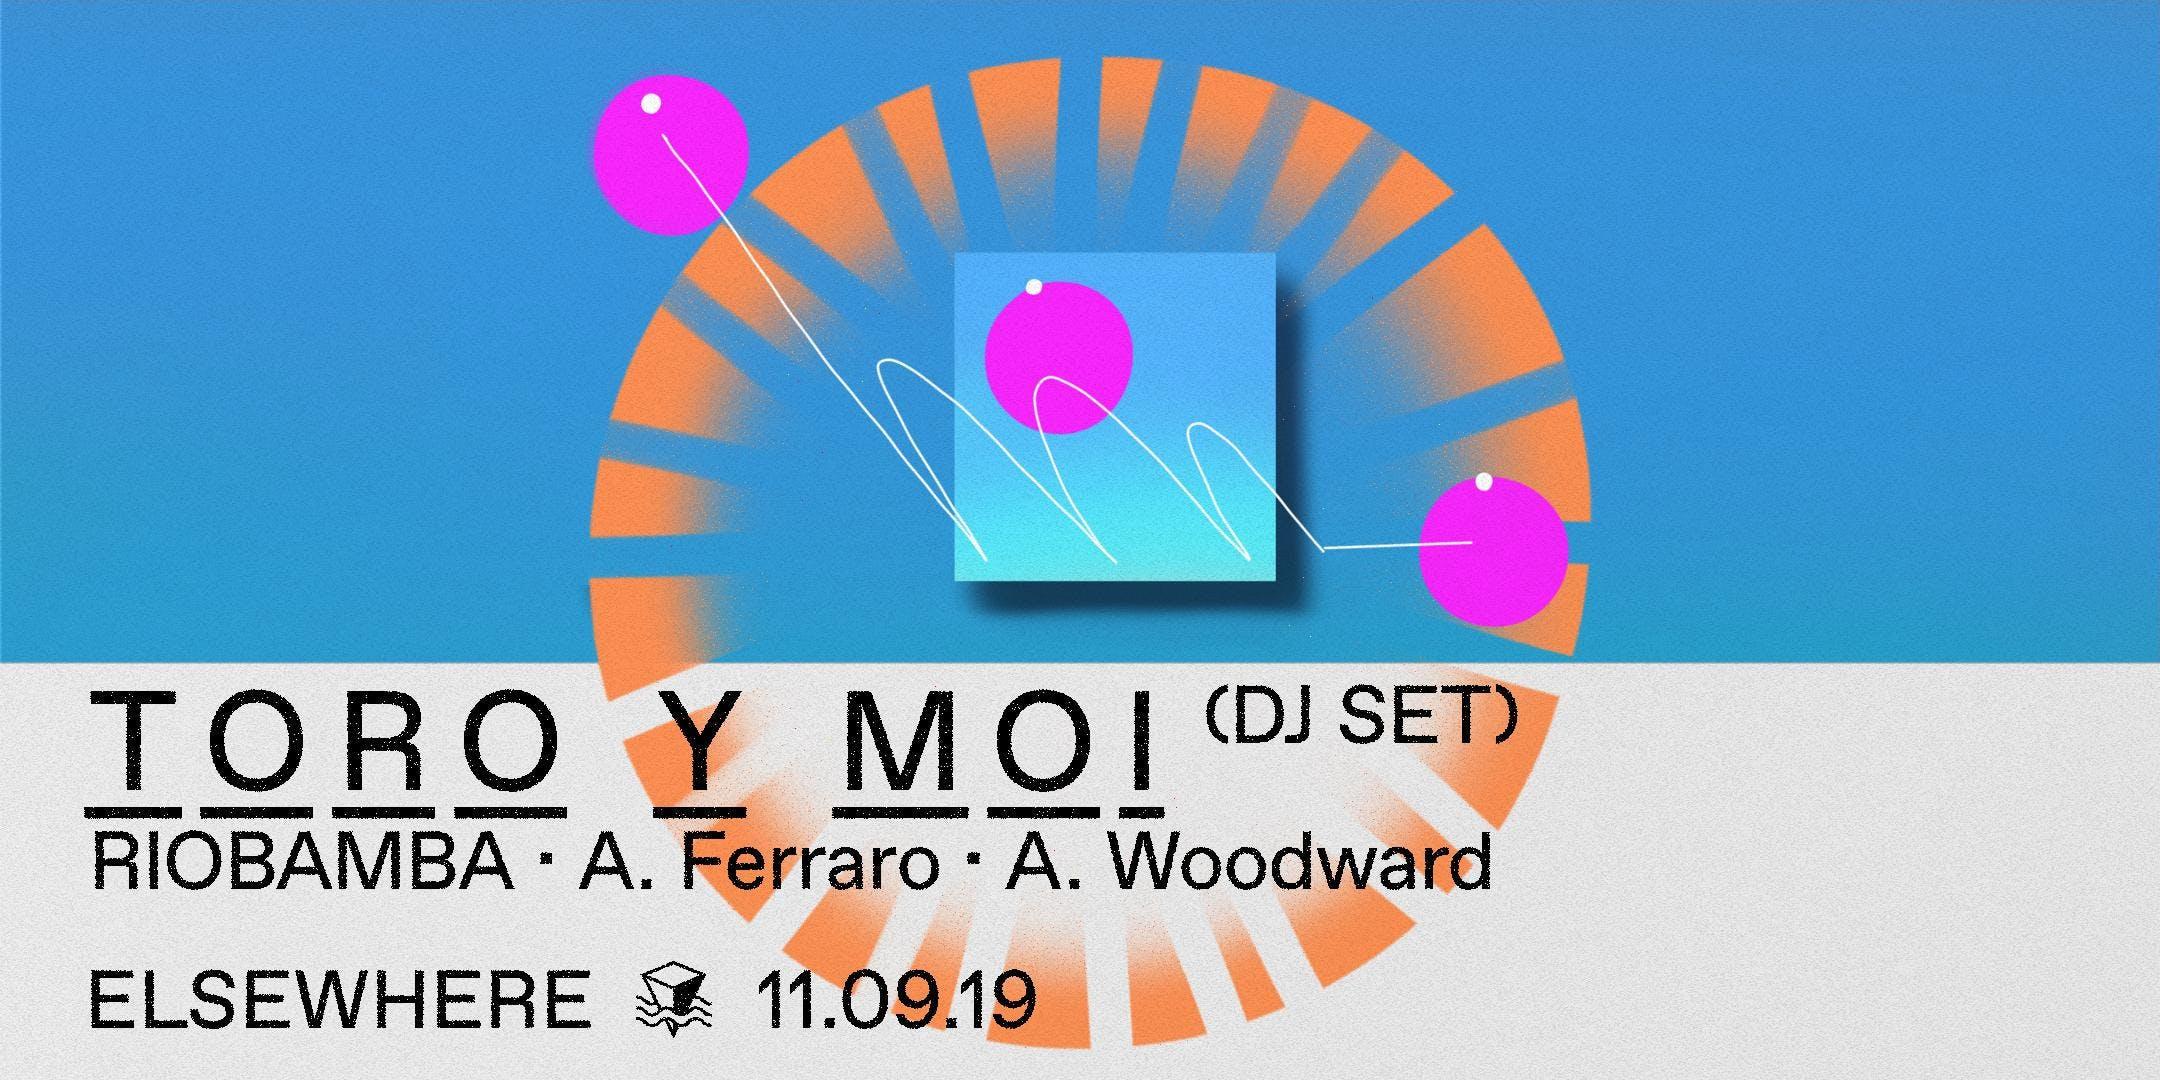 Toro Y Moi (DJ Set), RIOBAMBA, A. Ferraro & A. Woodward